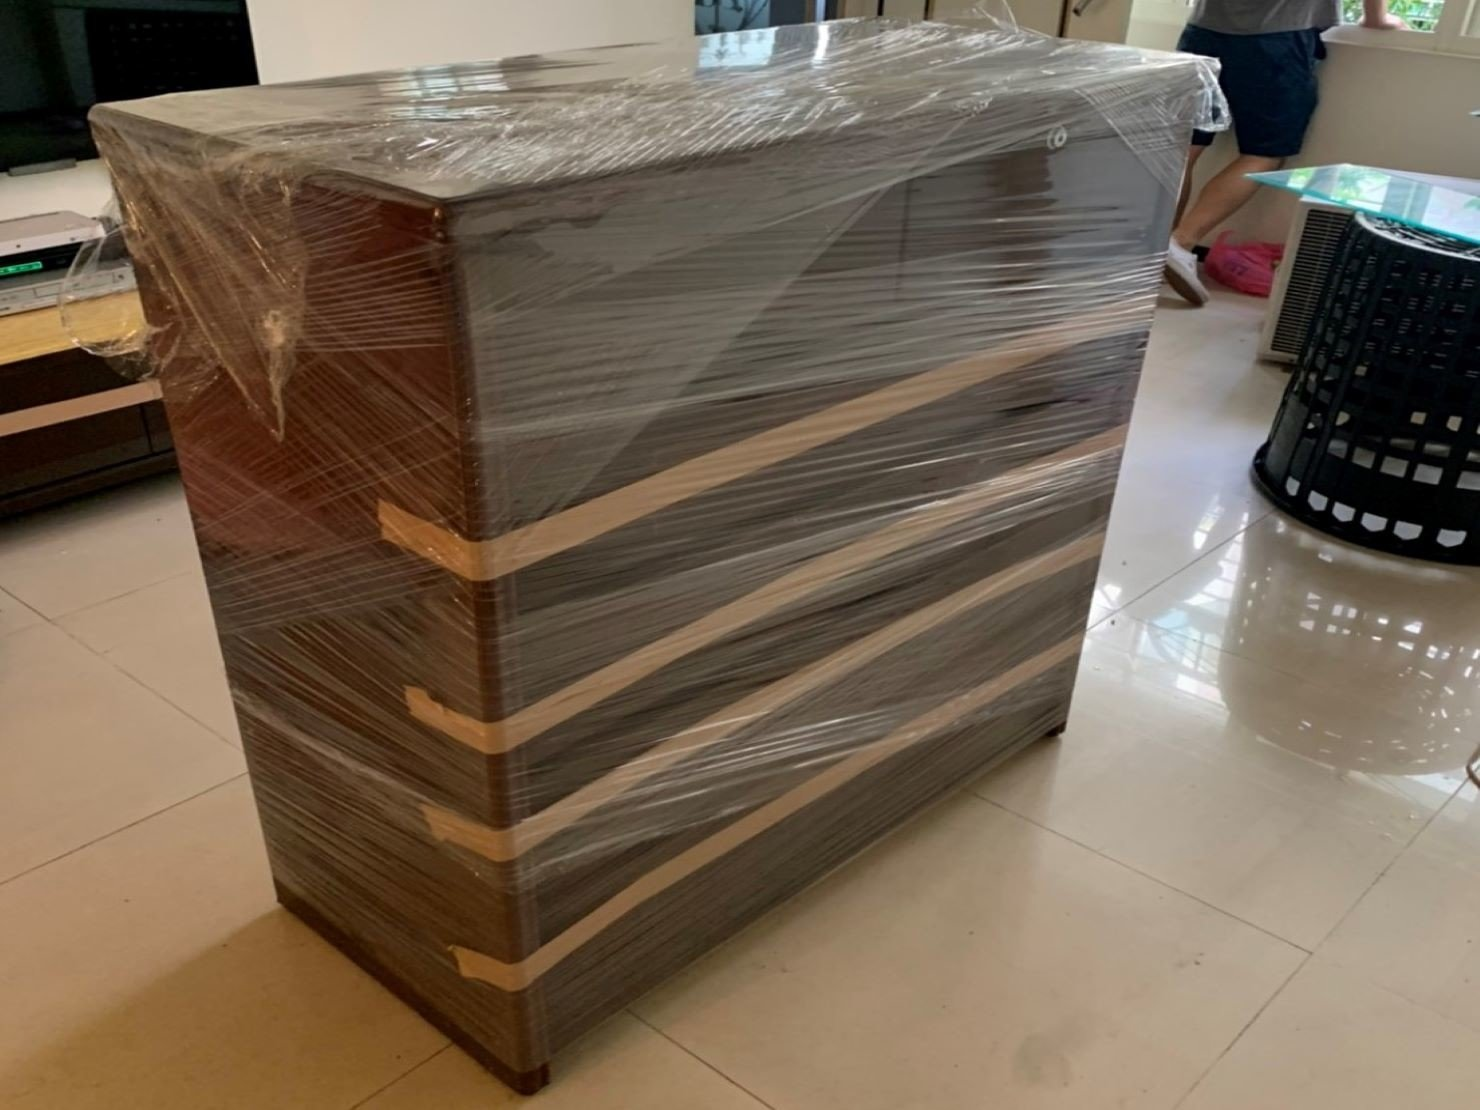 搬家【榮福搬家】搬家公司推薦、口碑第一、台北搬家:木製六抽櫃:再以膠膜將其整體層層綑繞,避免木製櫃遭磨損刮傷。